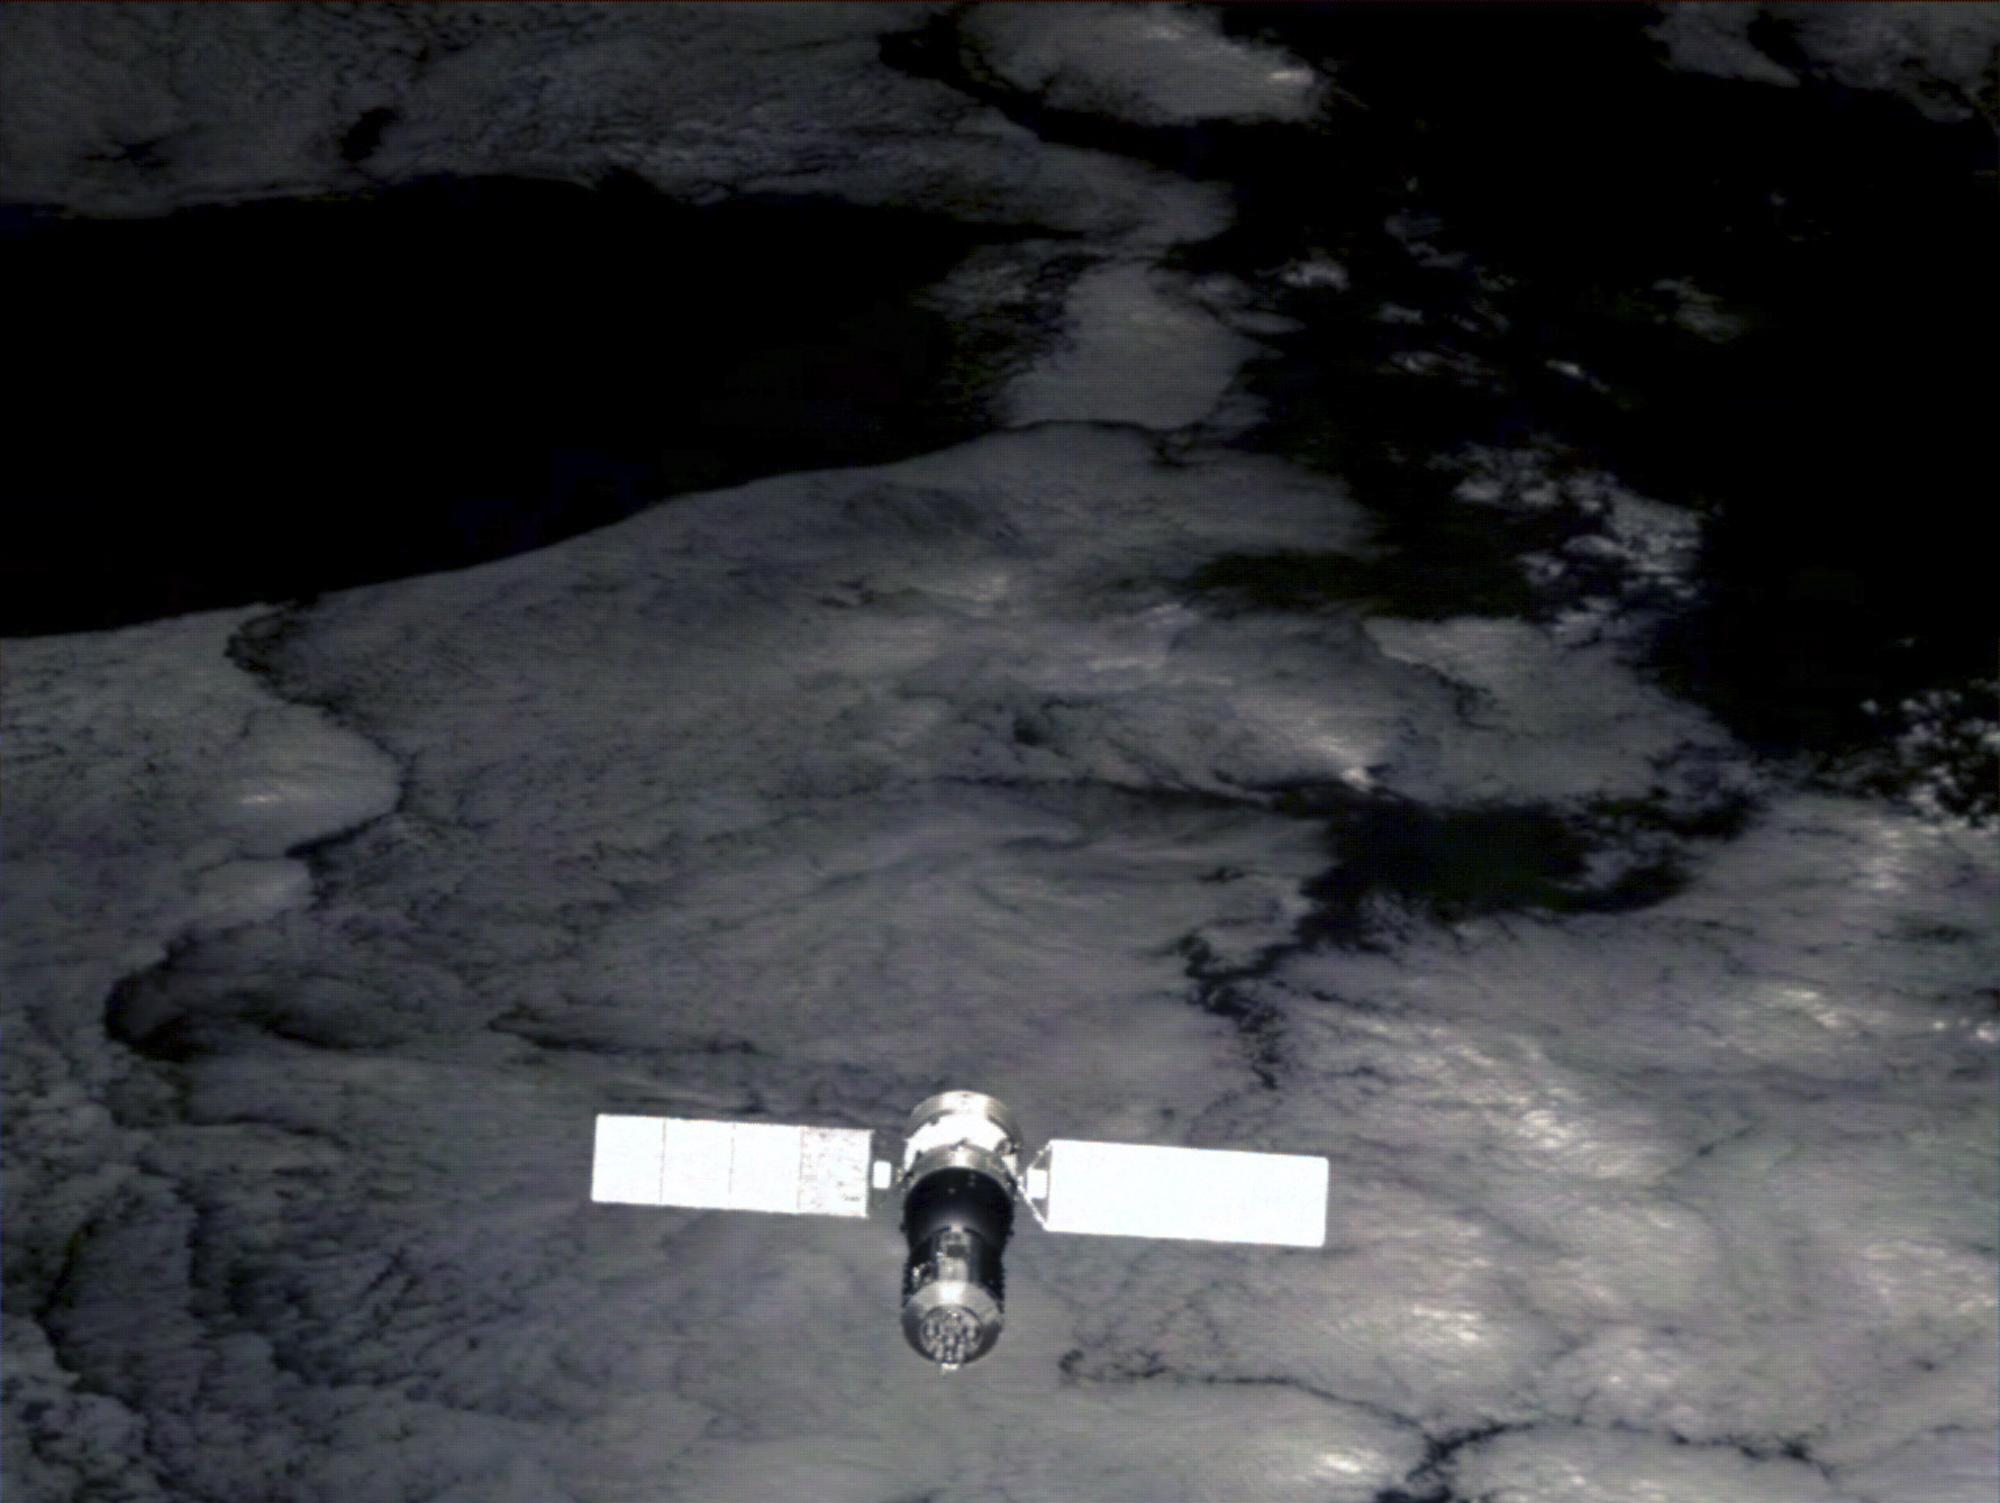 נופלת מהשמיים: תחנת חלל במשקל 8.5 טון צפויה להתרסק בכדור הארץ